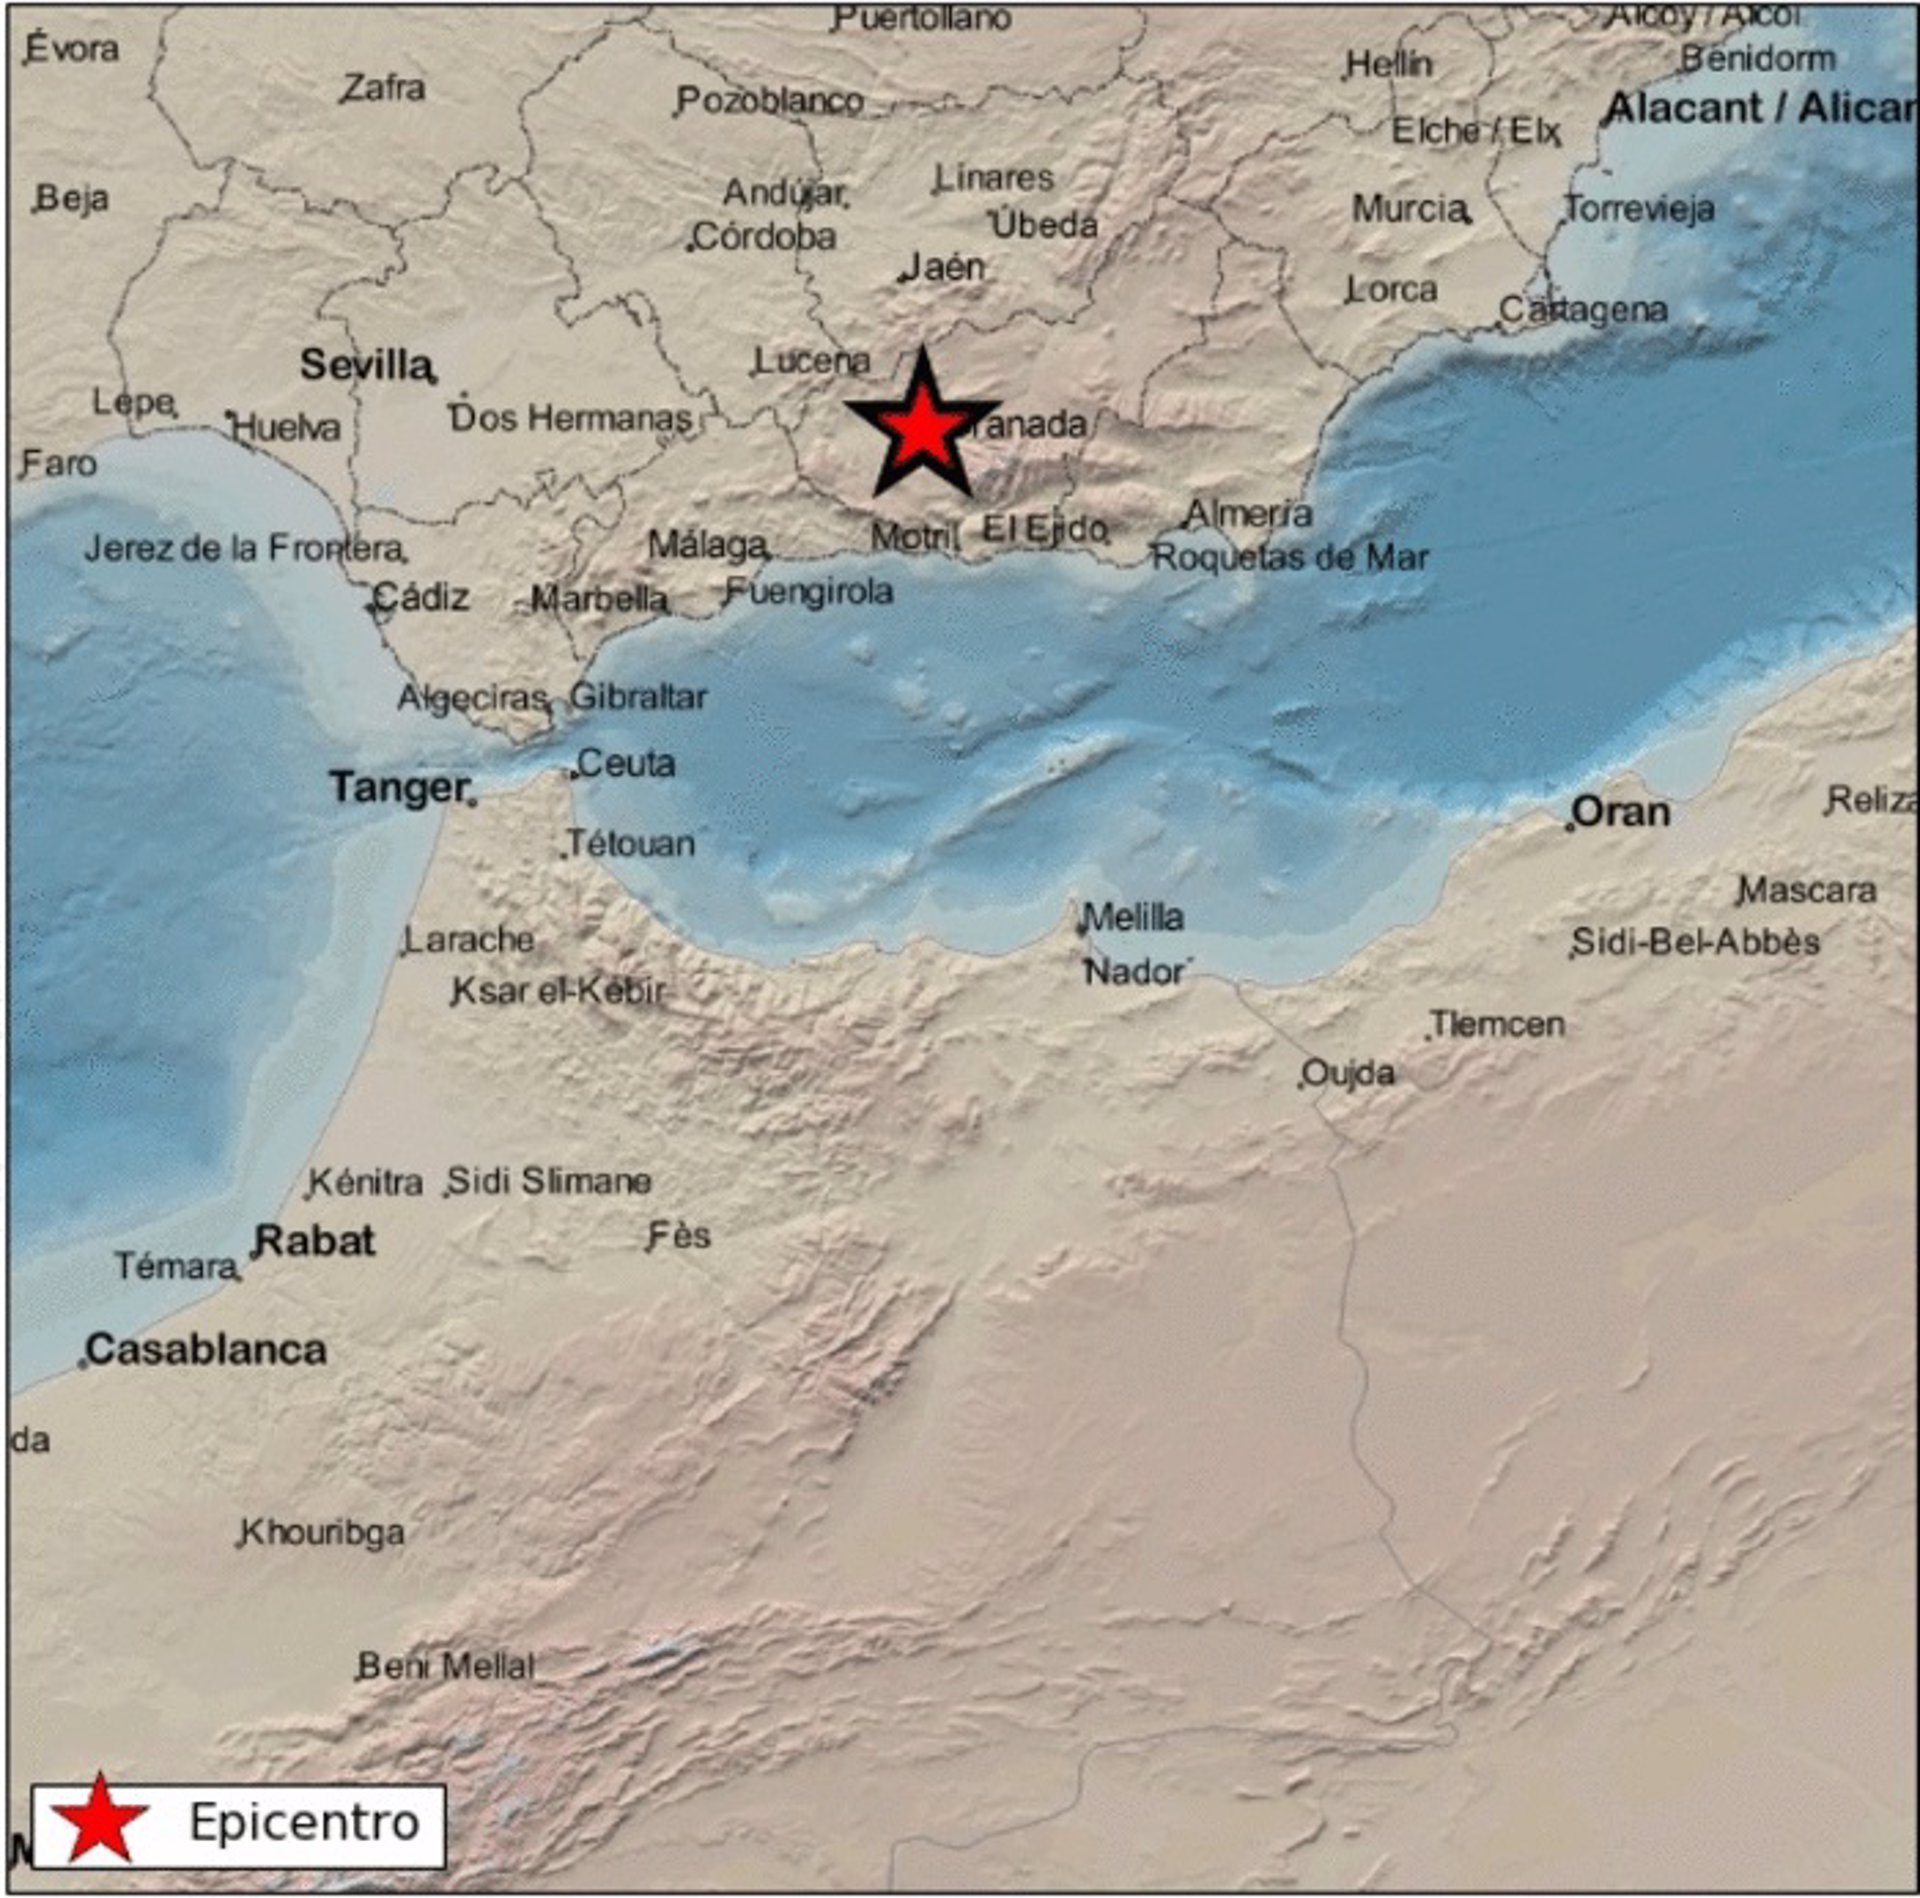 El enjambre sísmico suma 15 terremotos de baja intensidad en las últimas horas